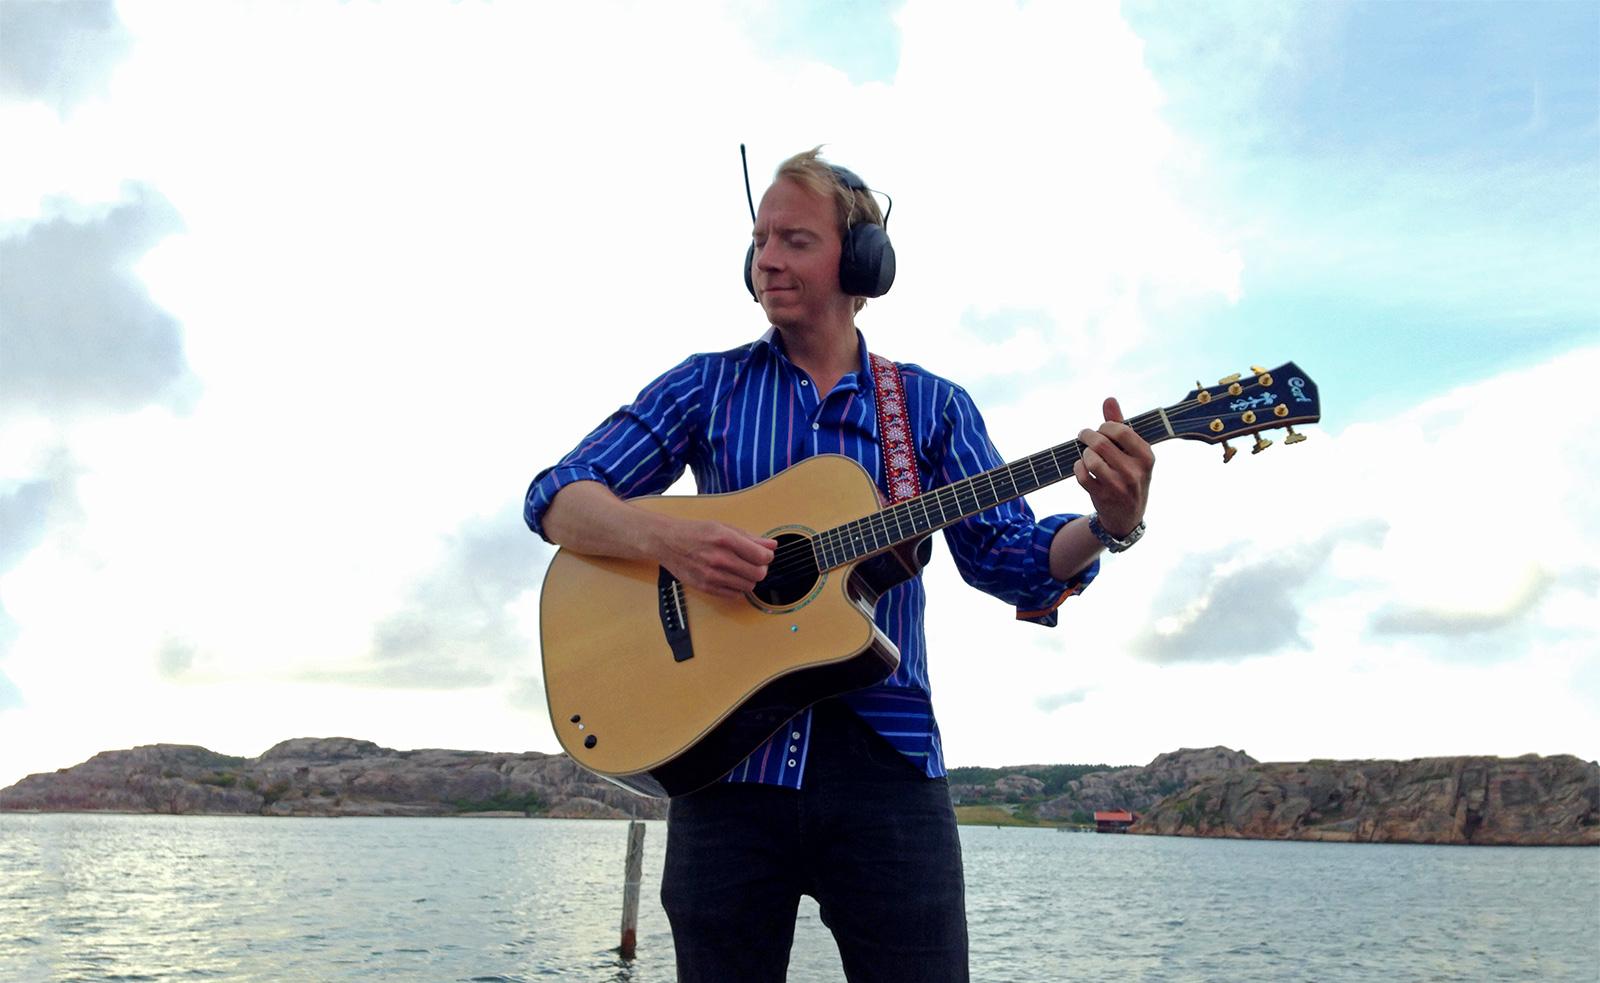 Komikern Håkan Berg spelar gitarr men har på sig hörselskydd med inbyggd radio.